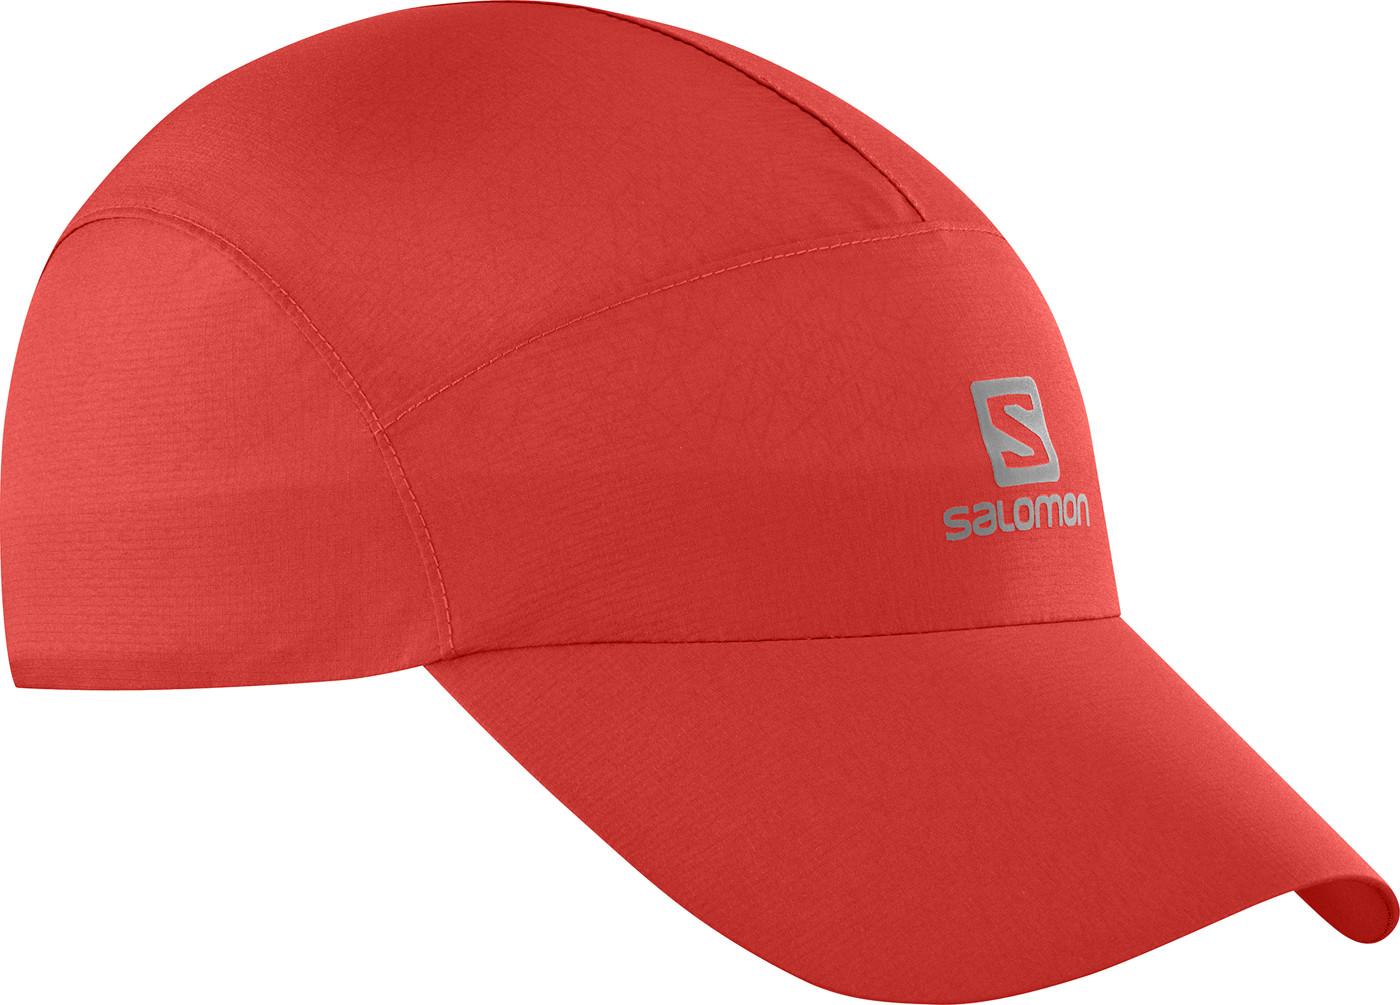 SALOMON CAP WATERPROOF CAP Goji Berry/Goji Berry OSFA - Herren